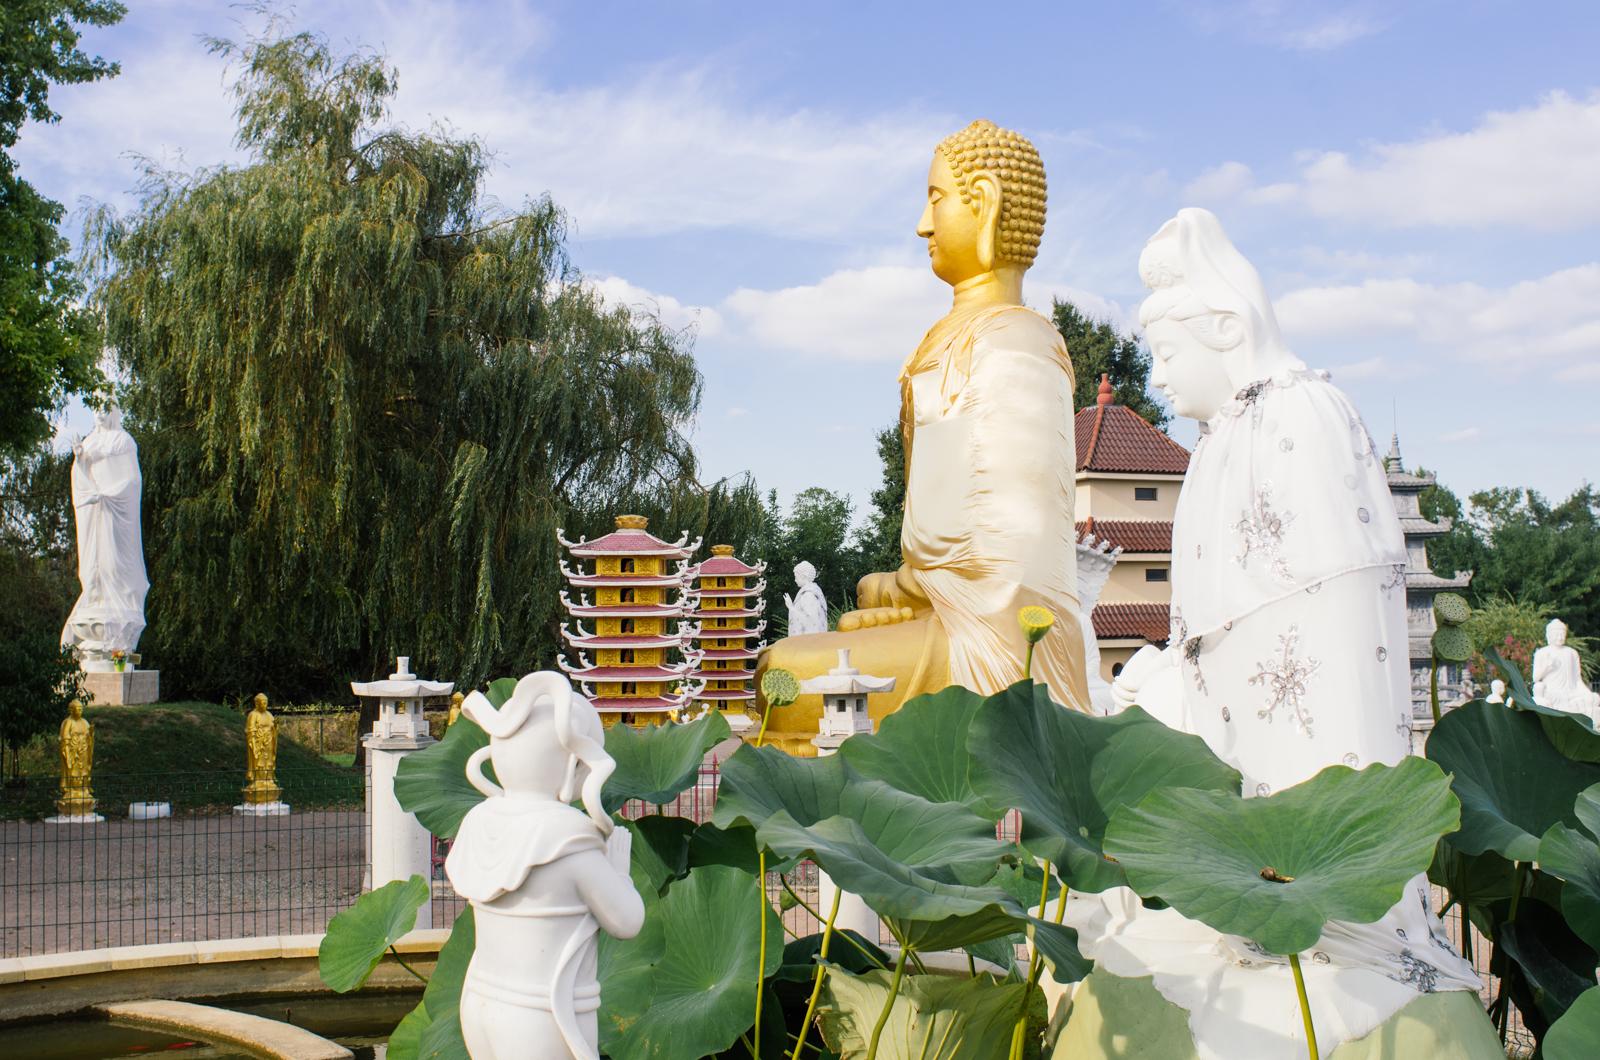 Des pagodes dans le bocage - Carnet de voyage dans l'Allier